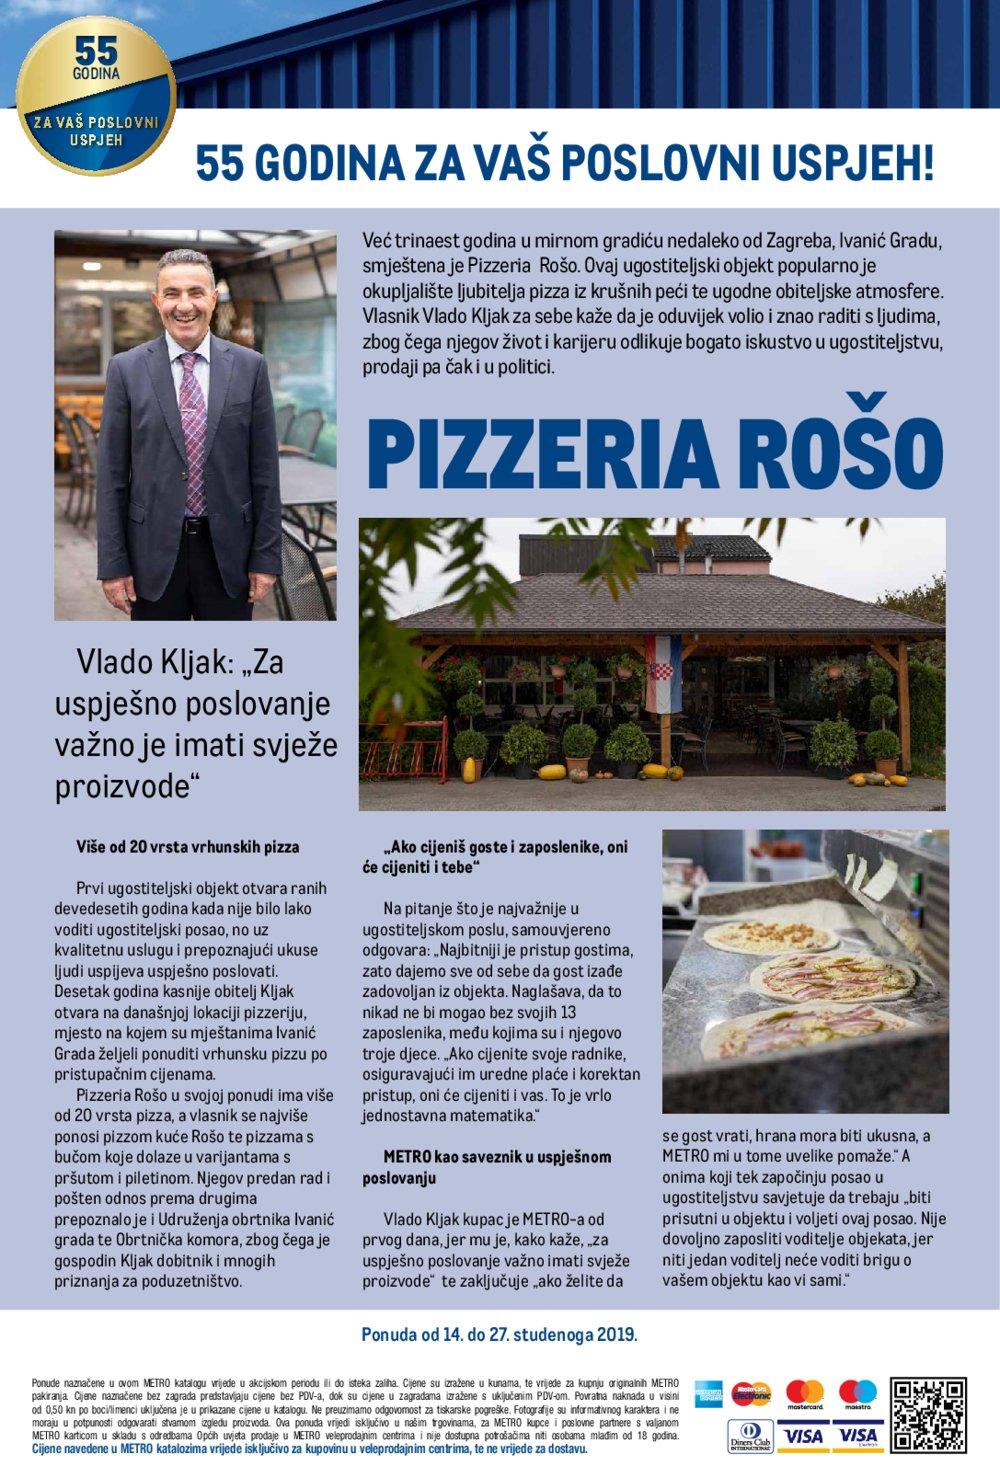 Metro katalog Posebna ponuda 14.11-27.11.2019